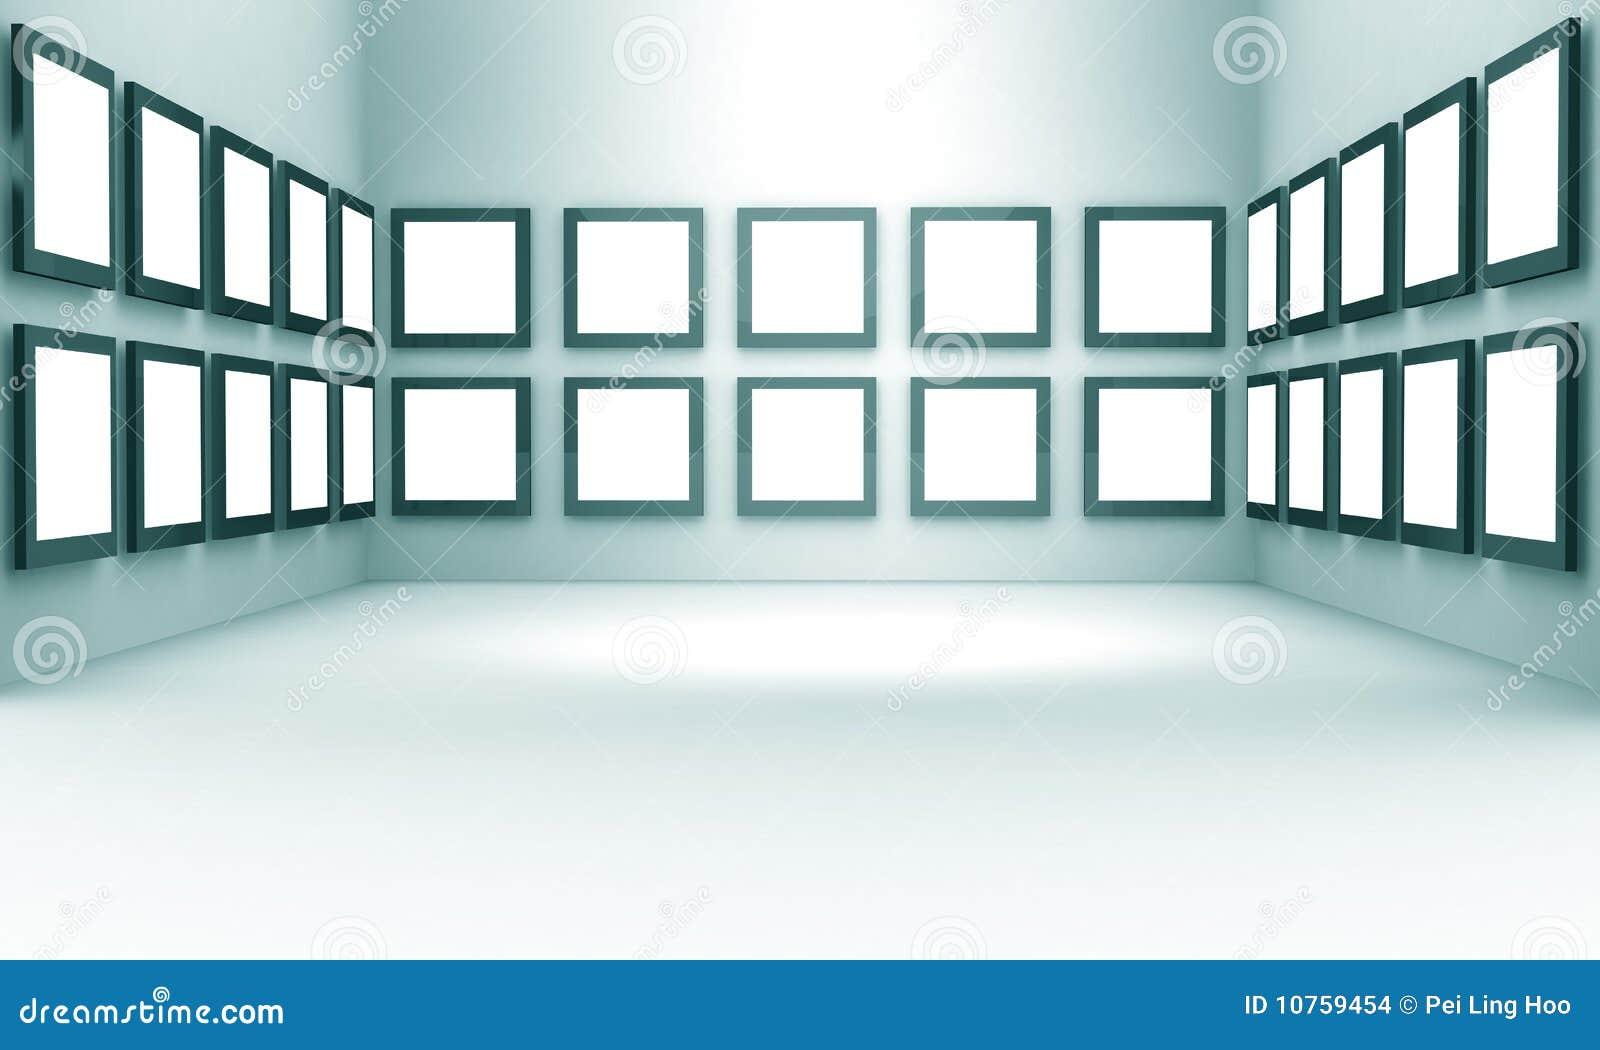 概念陈列画廊大厅照片